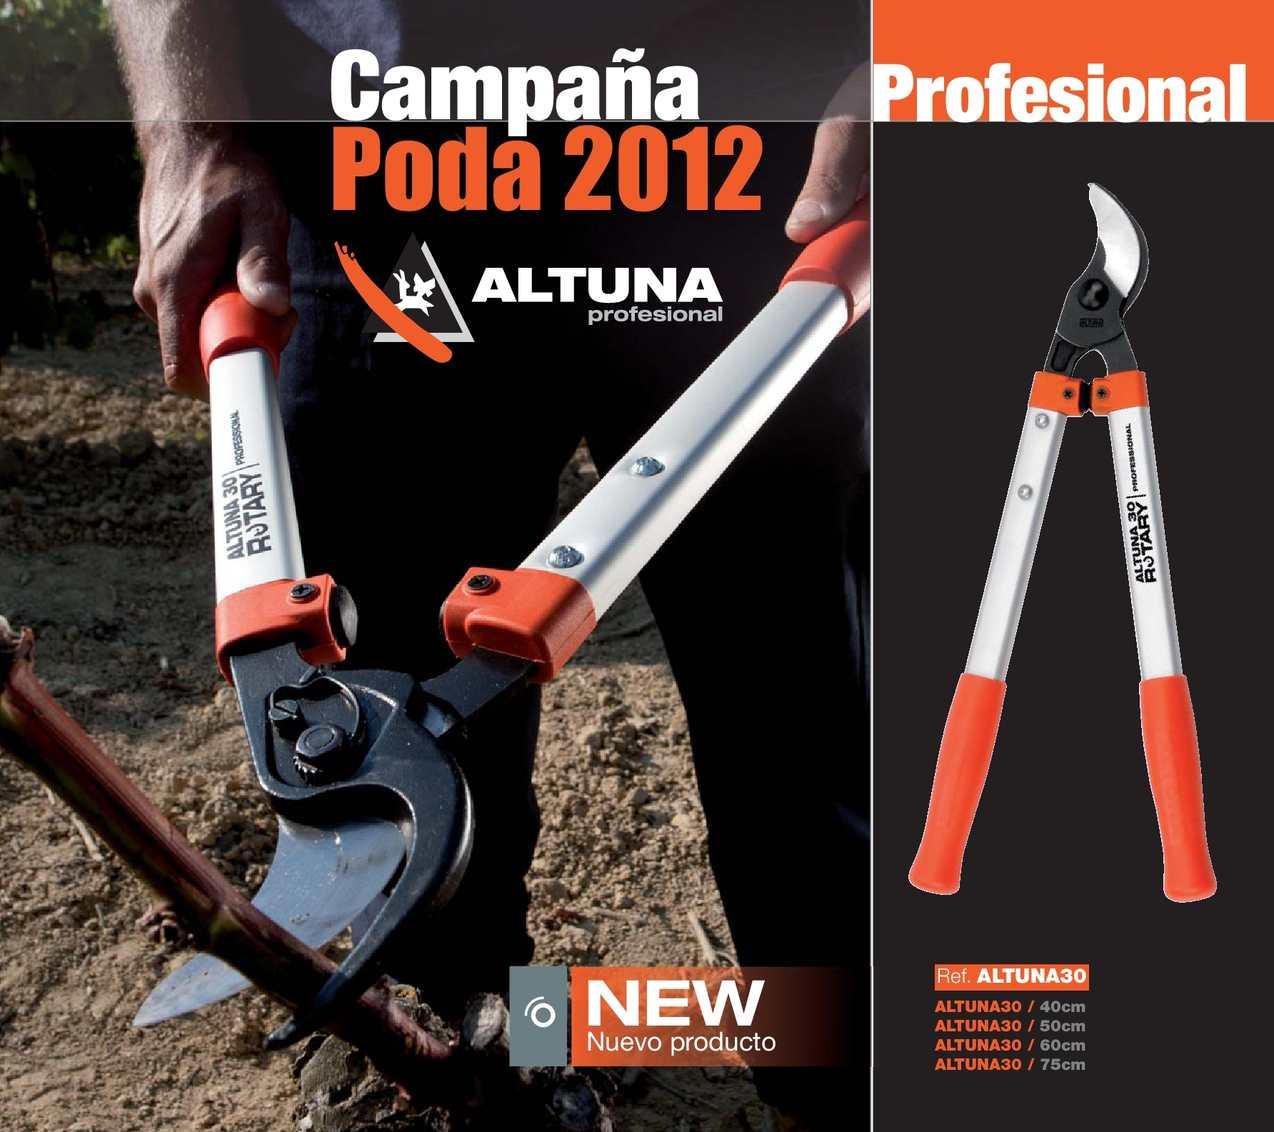 Campaña Poda Altuna 2012